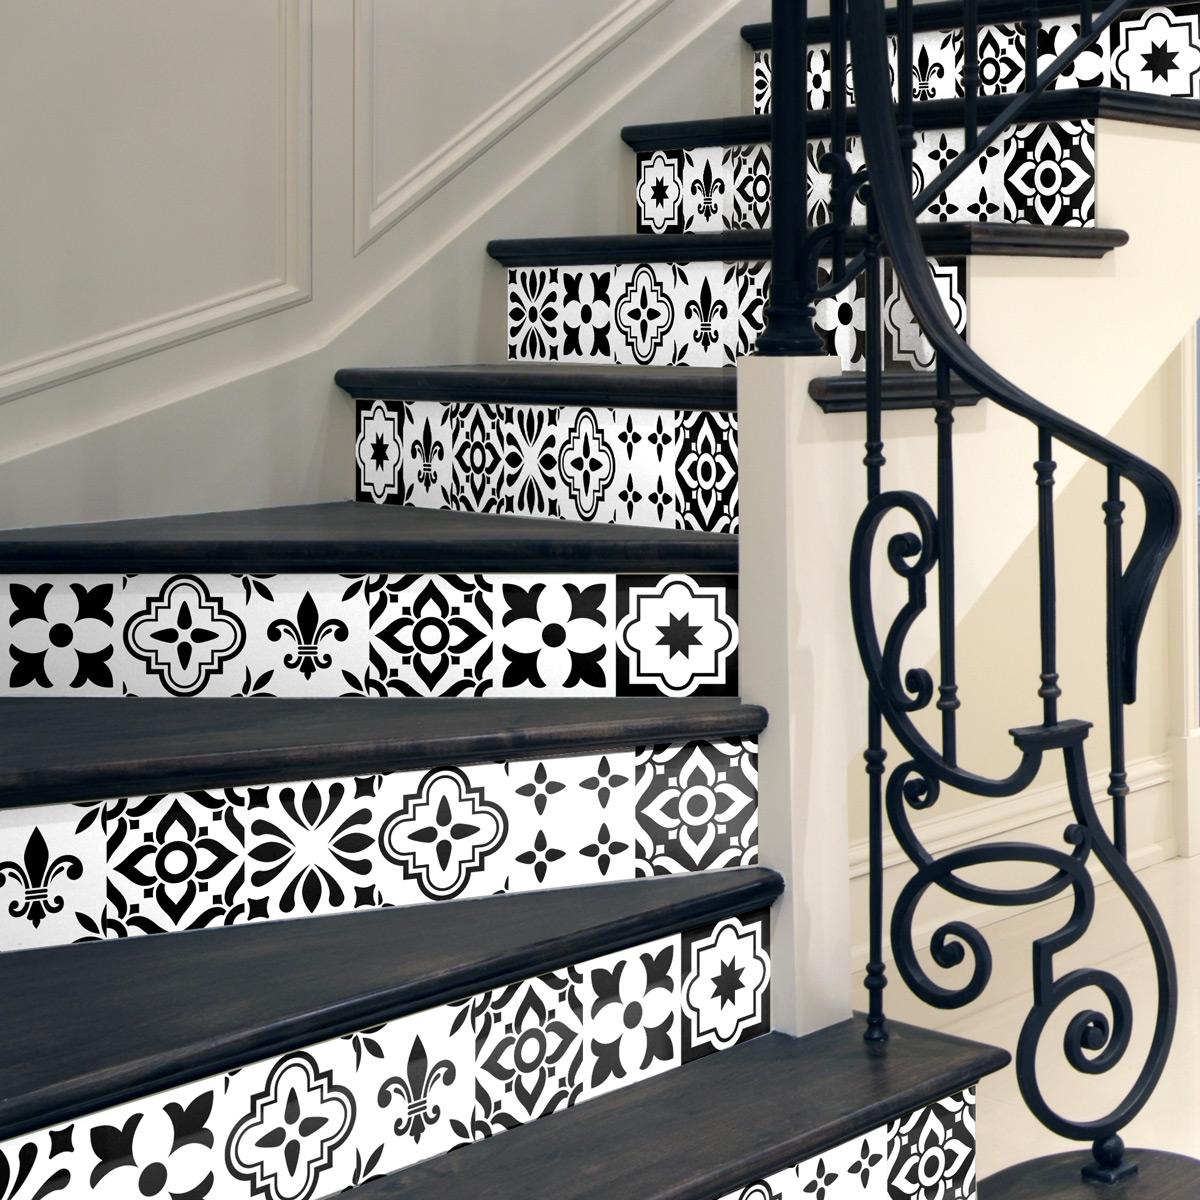 stickers marche escalier top stickers marche escalier bton teint ton pierre tournant nez de. Black Bedroom Furniture Sets. Home Design Ideas